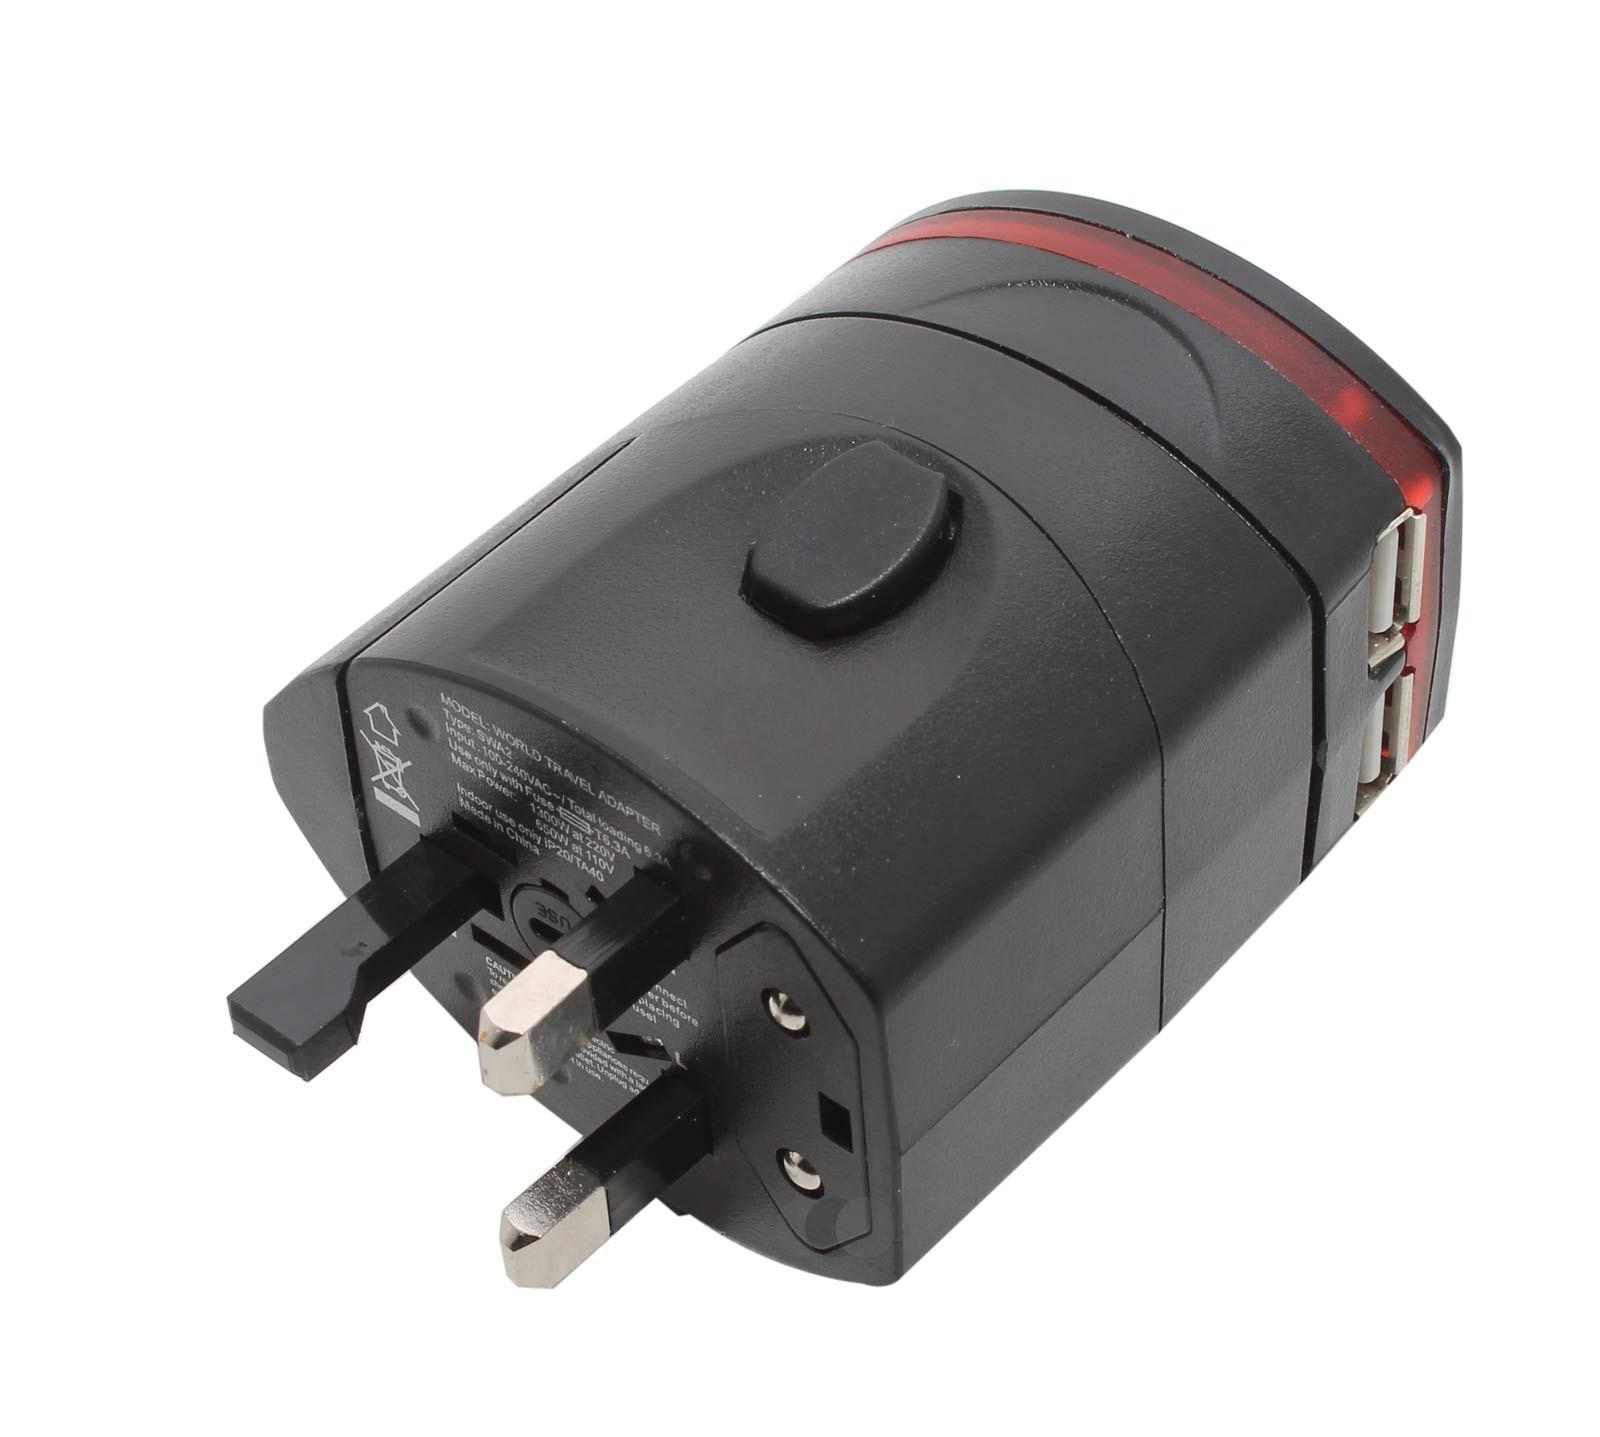 Reiseadapter, World travel adapter mit 2 USB Anschlüssen, für Laptops, Handys, Tablets und alle Geräte mit normalem Stecker wie Rasierapparate, oder den Föhn